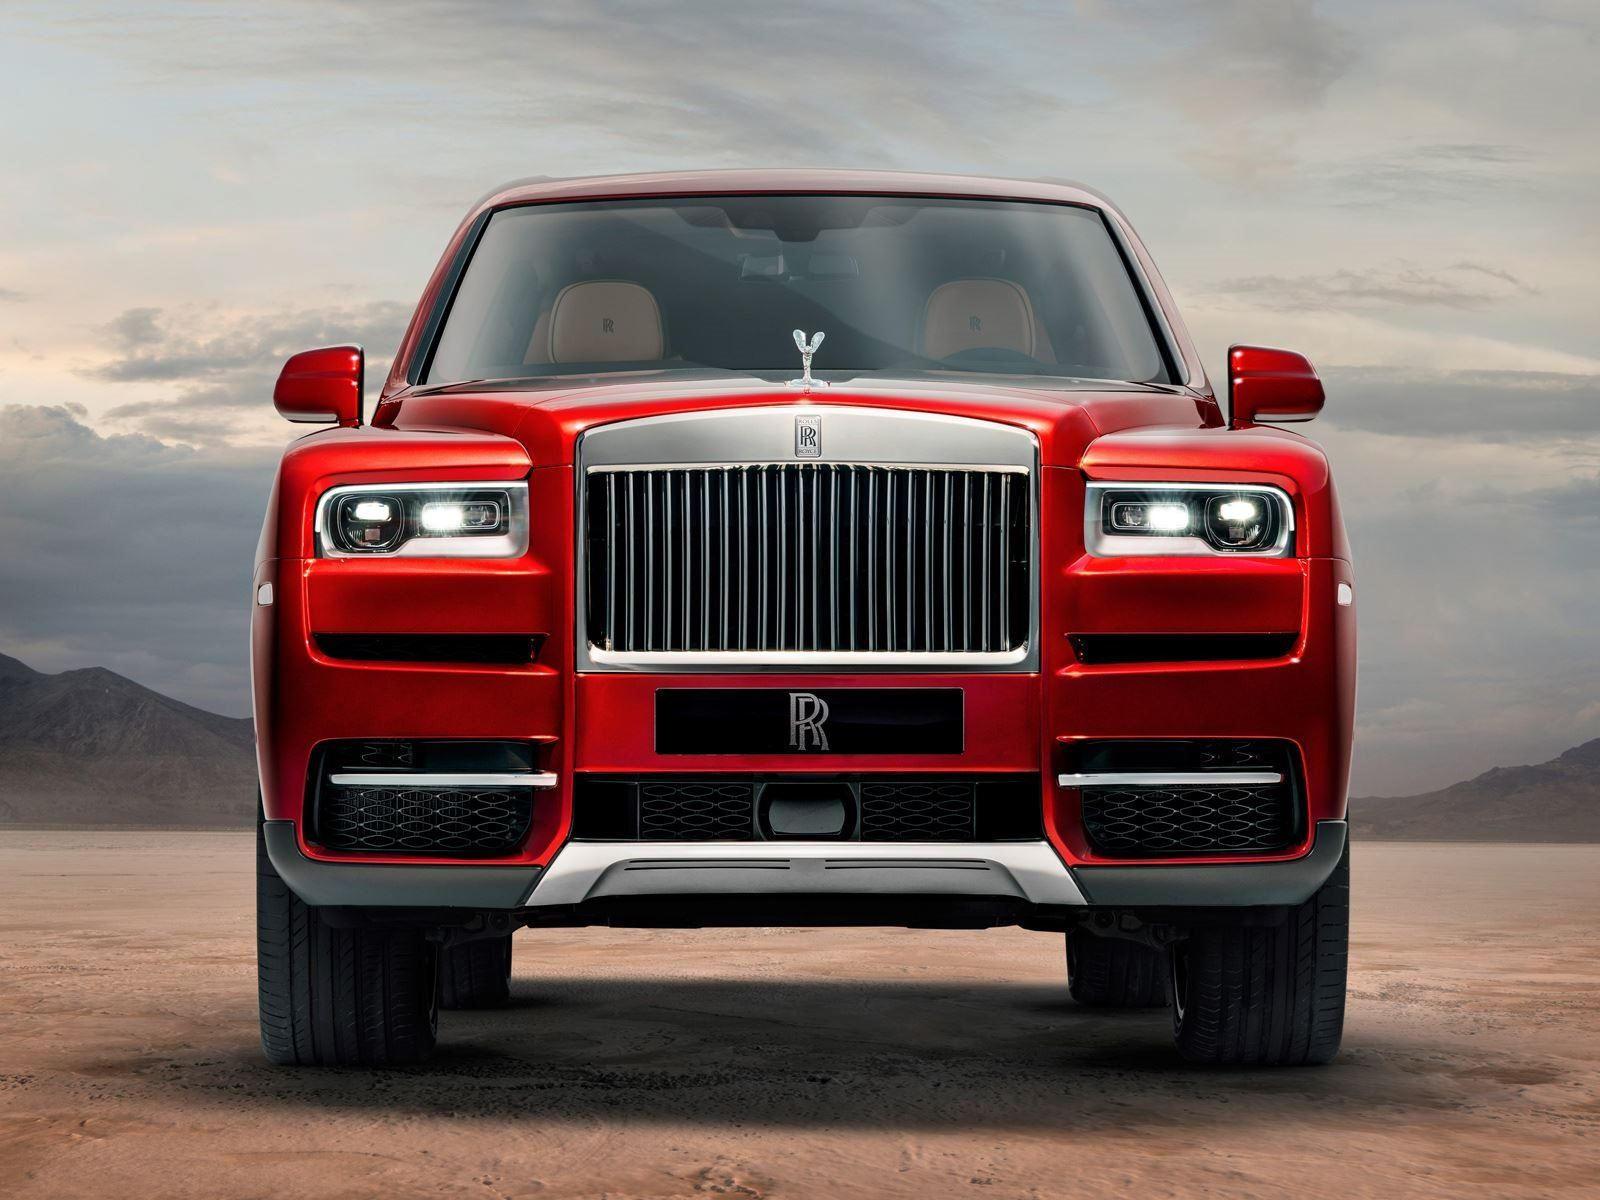 Несмотря на то, что Cullinan превзошел ожидания продаж, Rolls-Royce не планирует расширять линейку внедорожников.